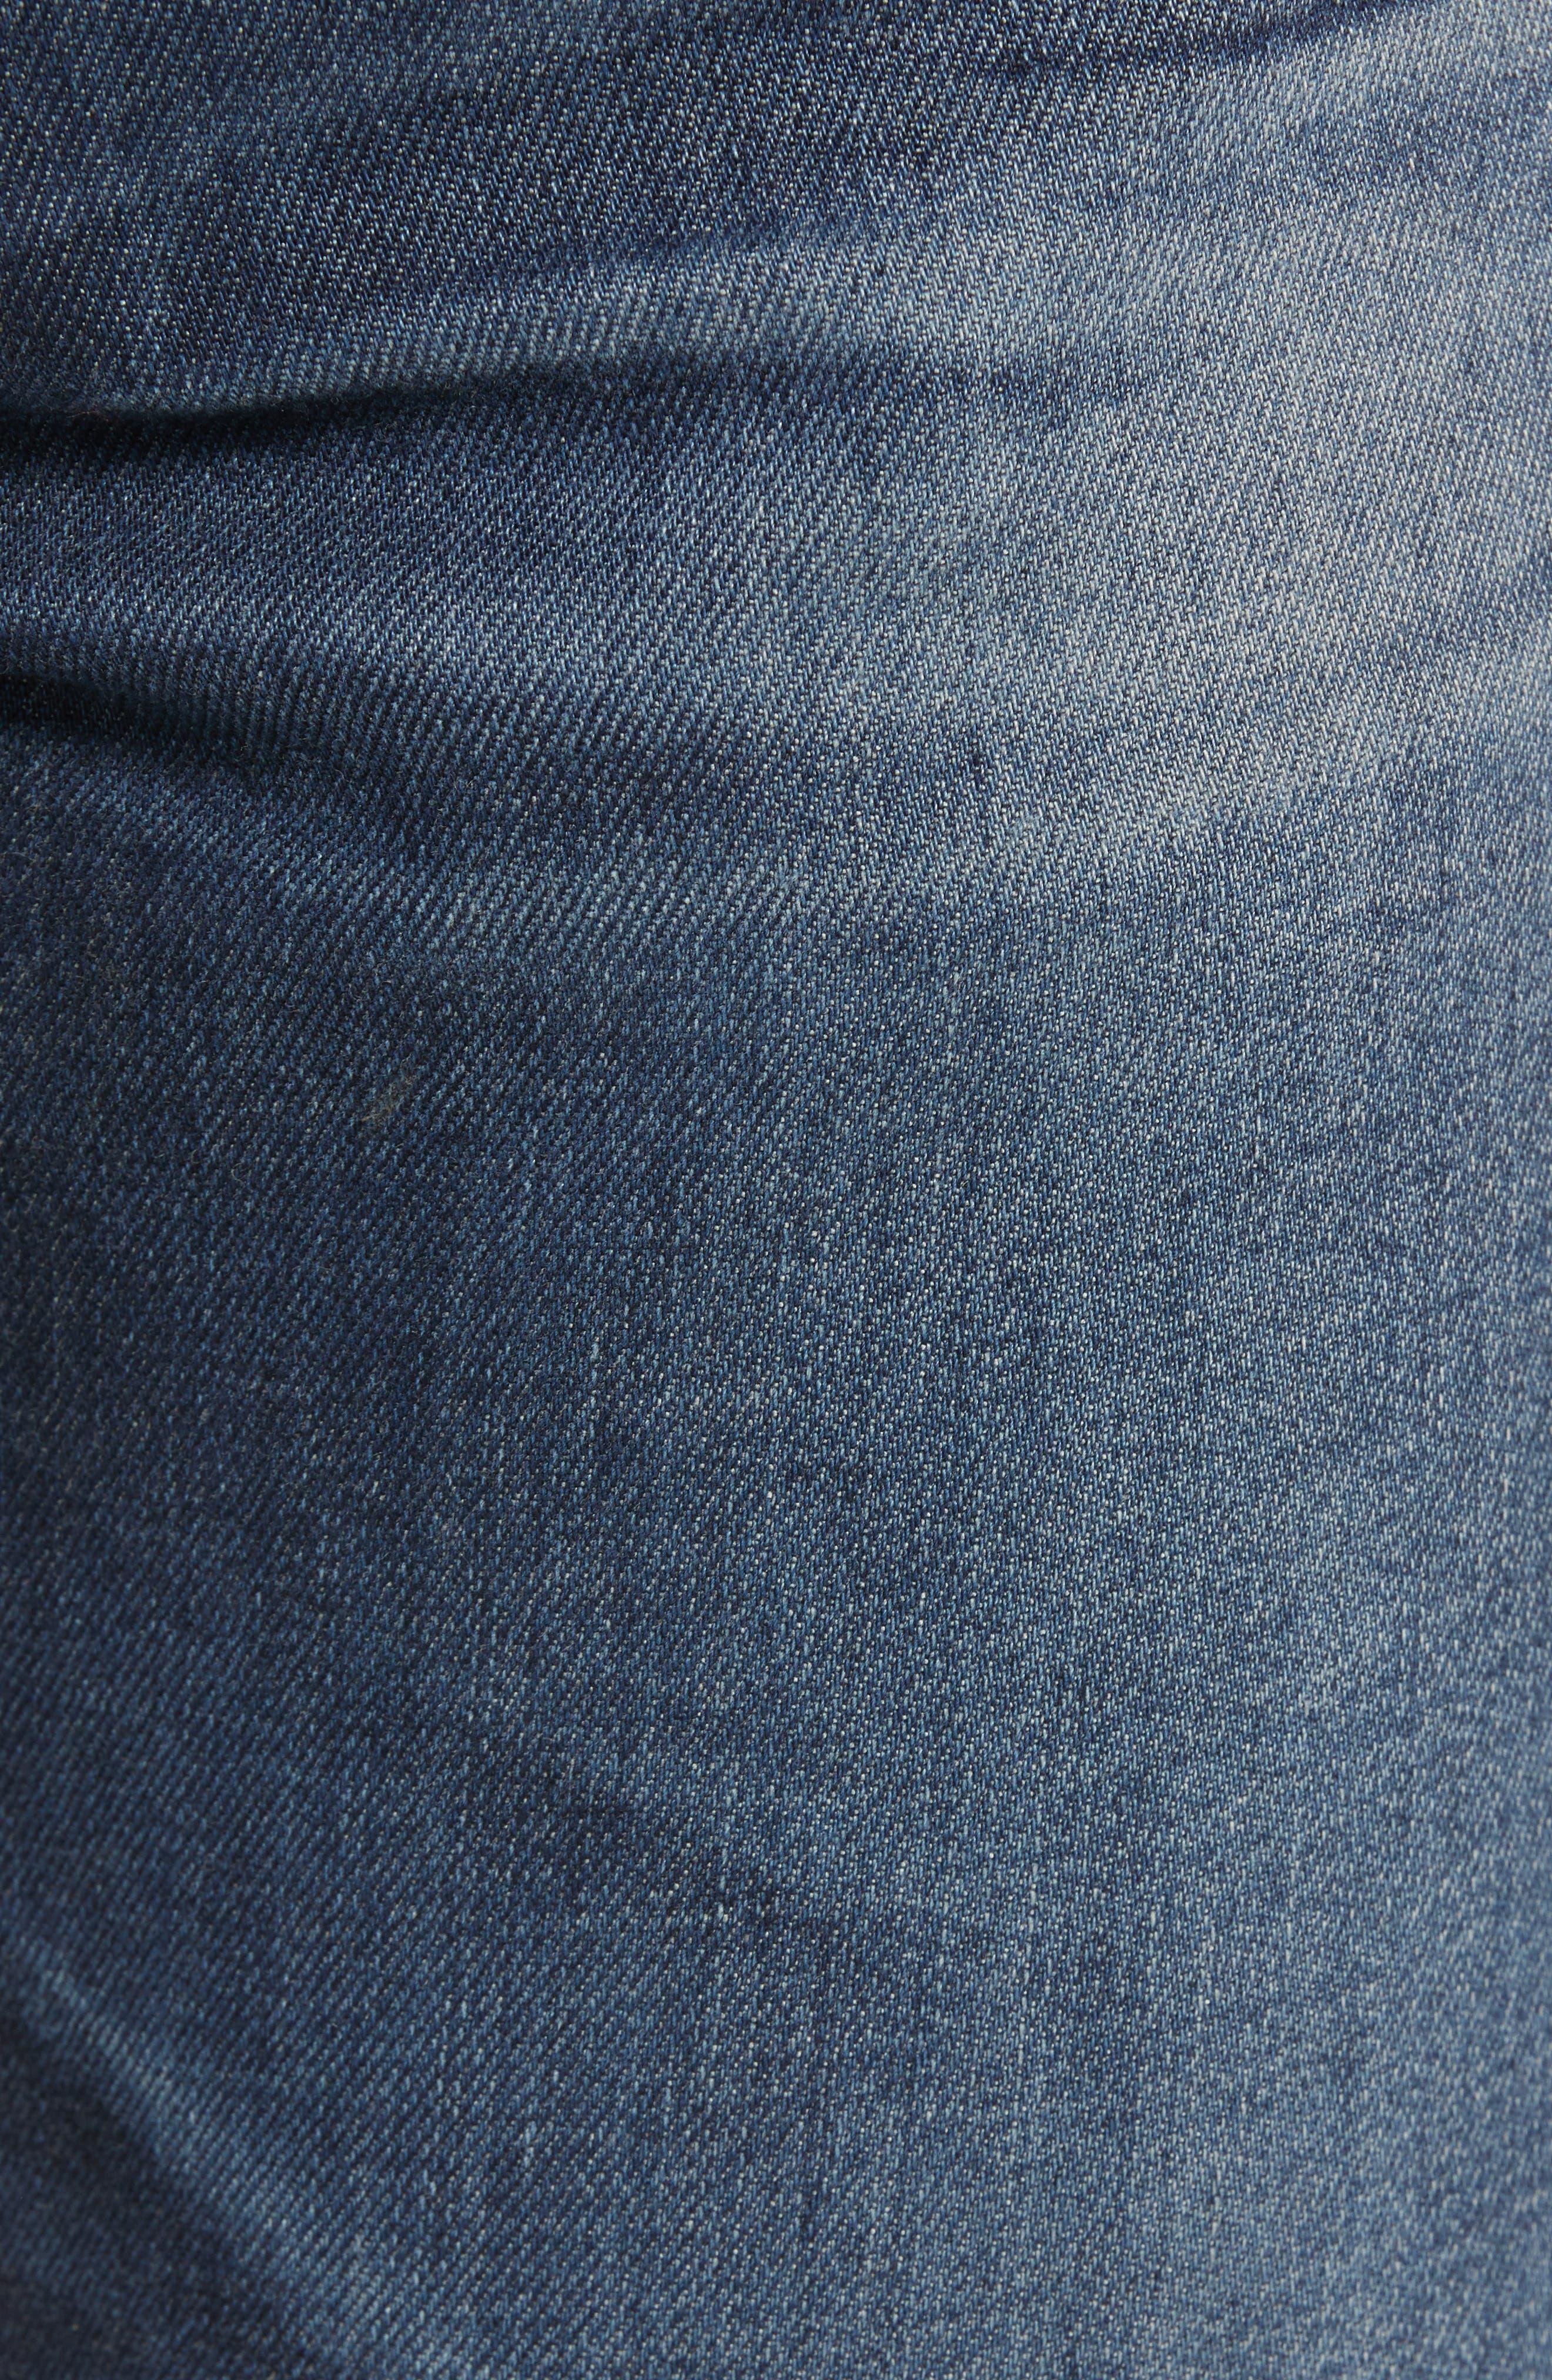 Everett Slim Straight Leg Jeans,                             Alternate thumbnail 5, color,                             7 YEARS PARK AVEUNE